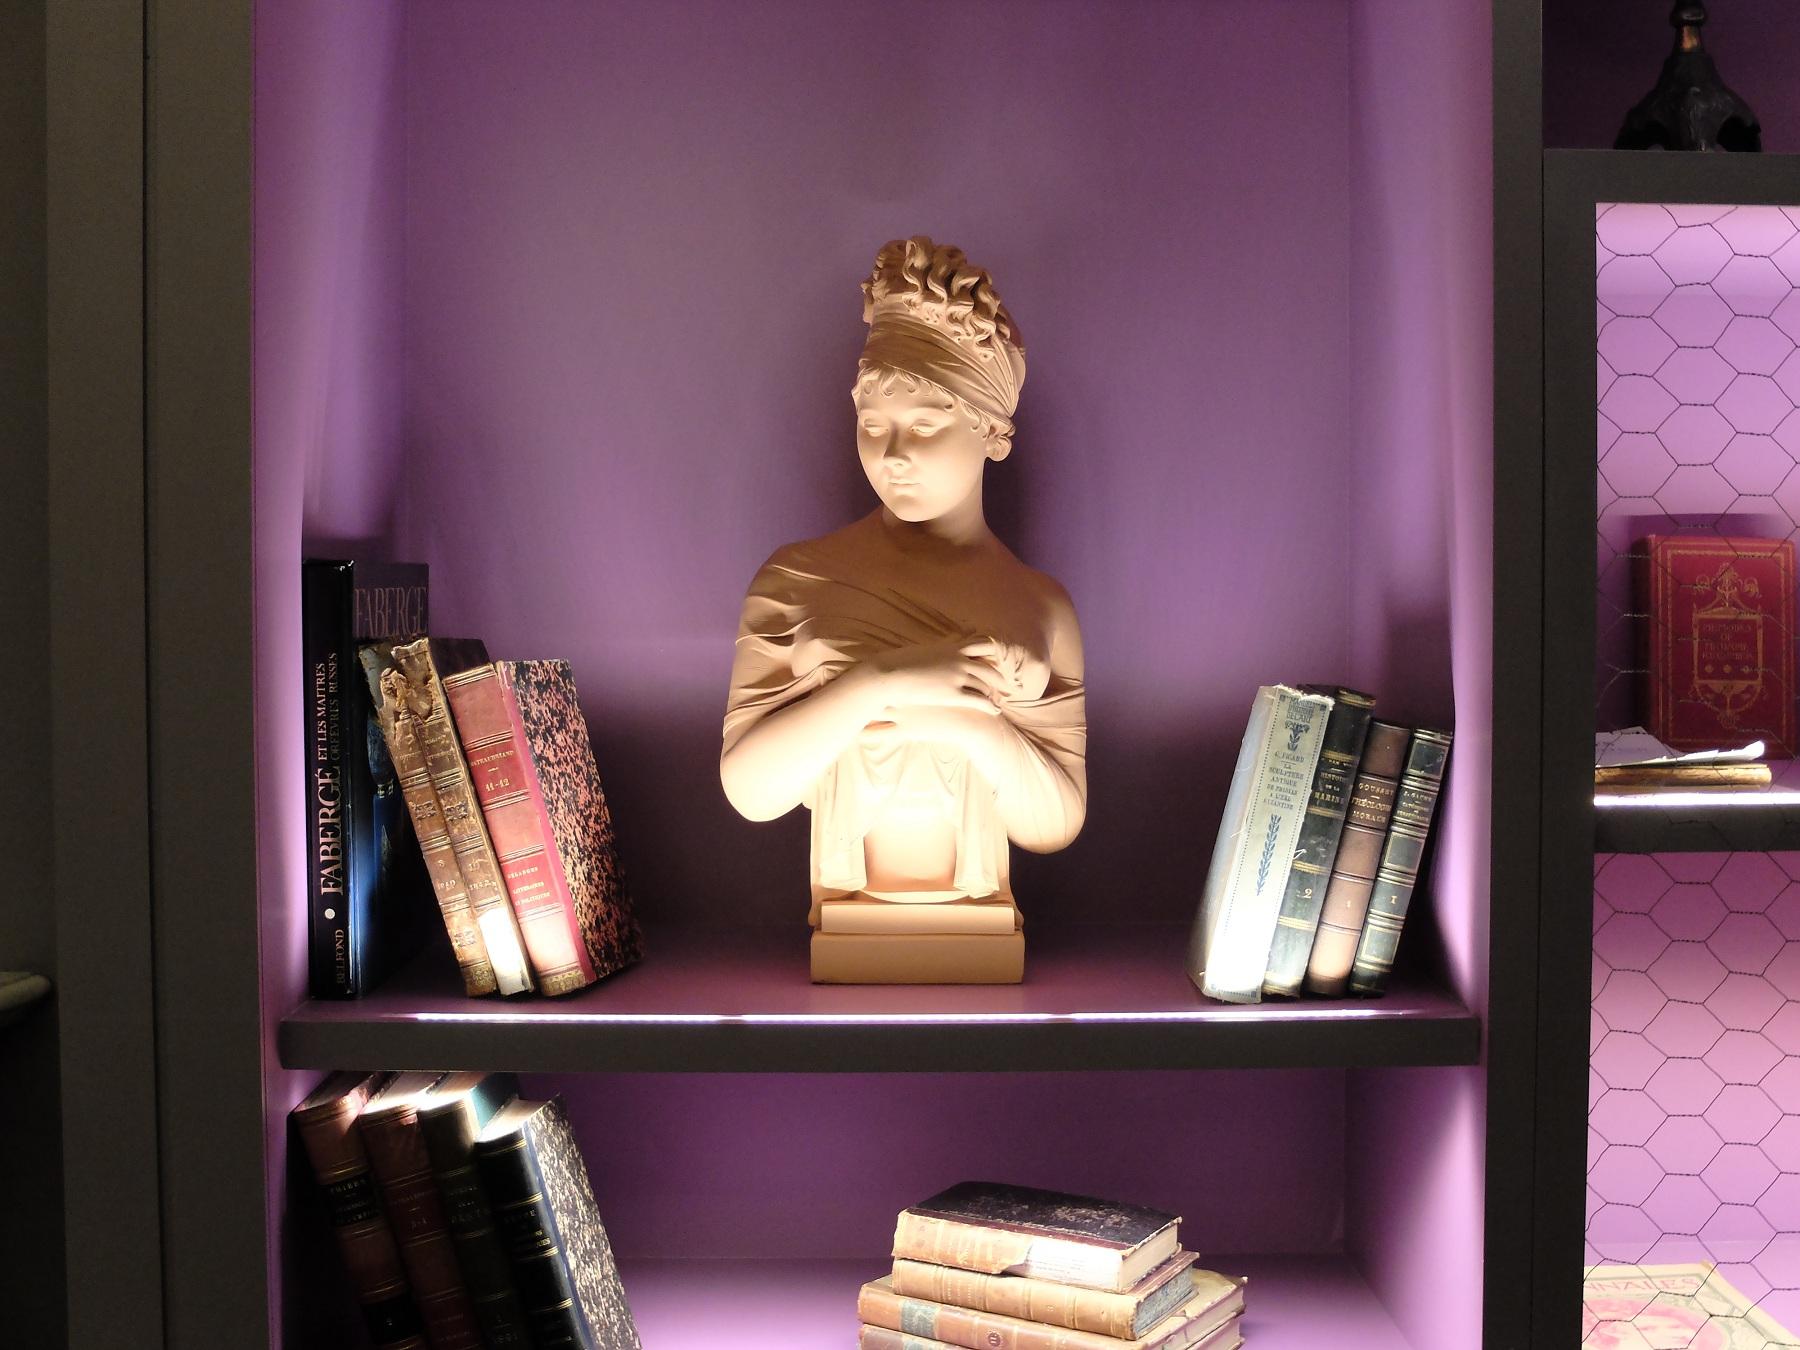 Hôtel Belle Juliette, Paris 6e - Le Talma - Buste de Juliette